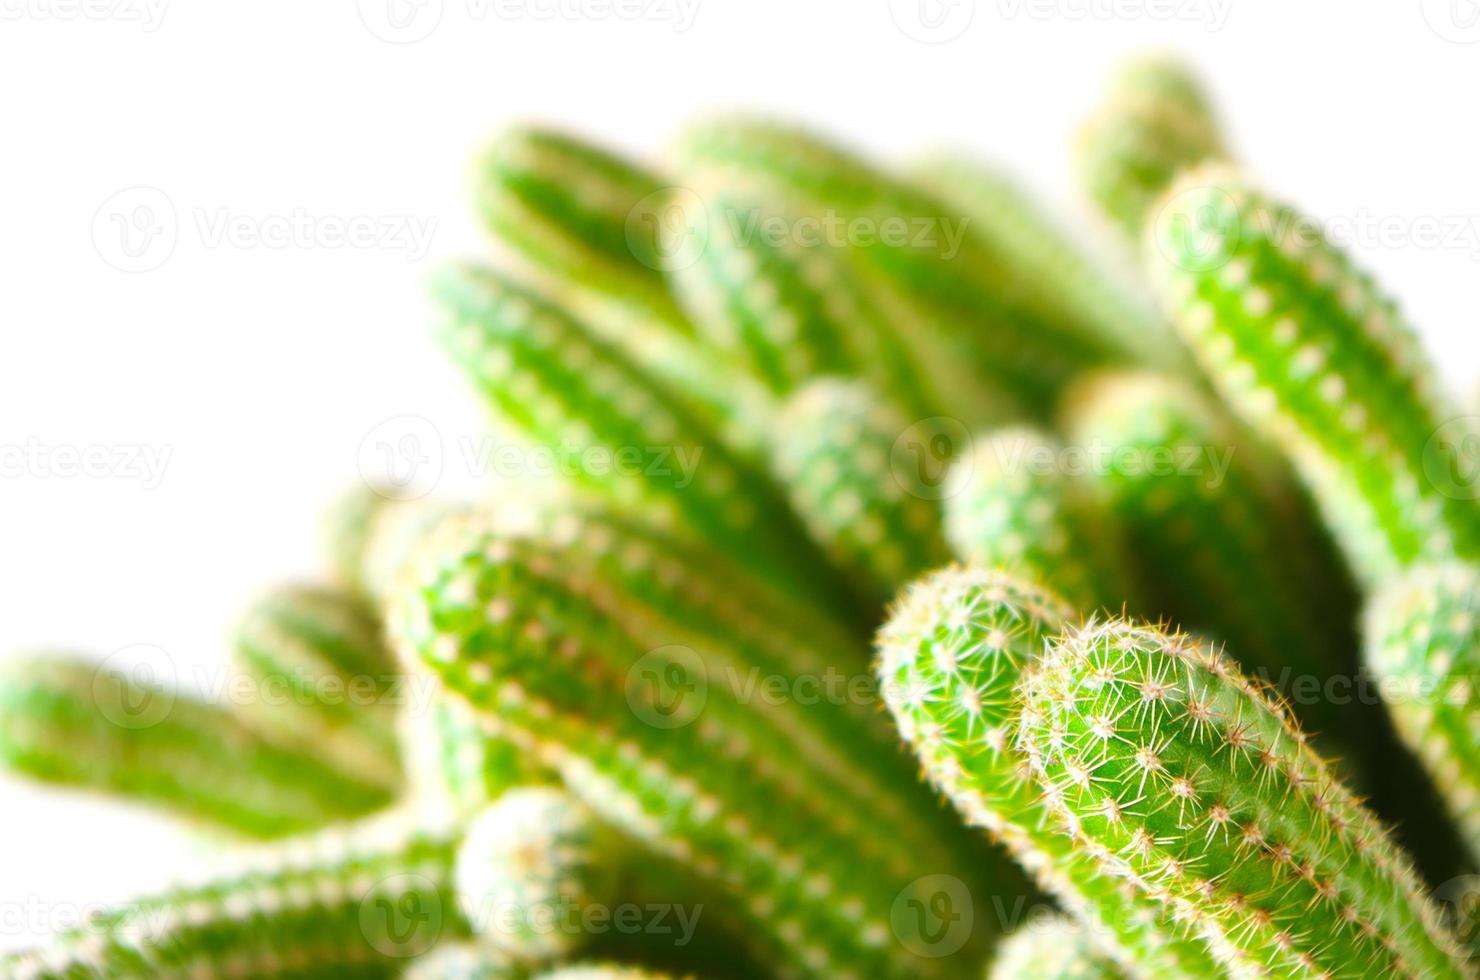 kleiner Kaktus foto